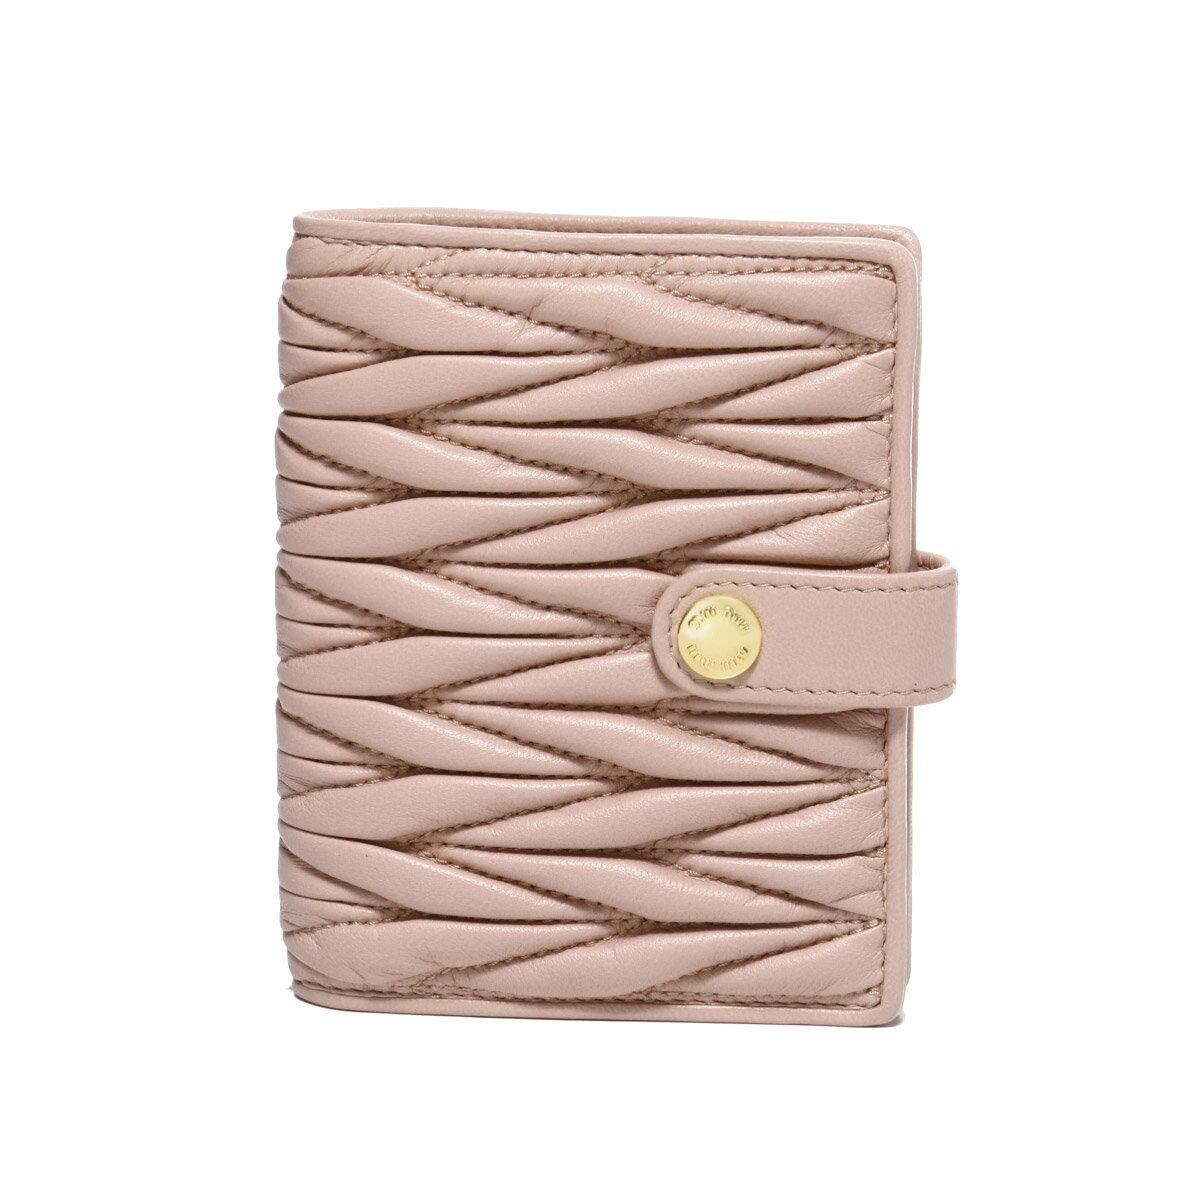 ミュウ ミュウ MIU MIU 財布 レディース 5MV016 N88 F0615 二つ折り財布 MATELASSE ORCHIDEA ピンク